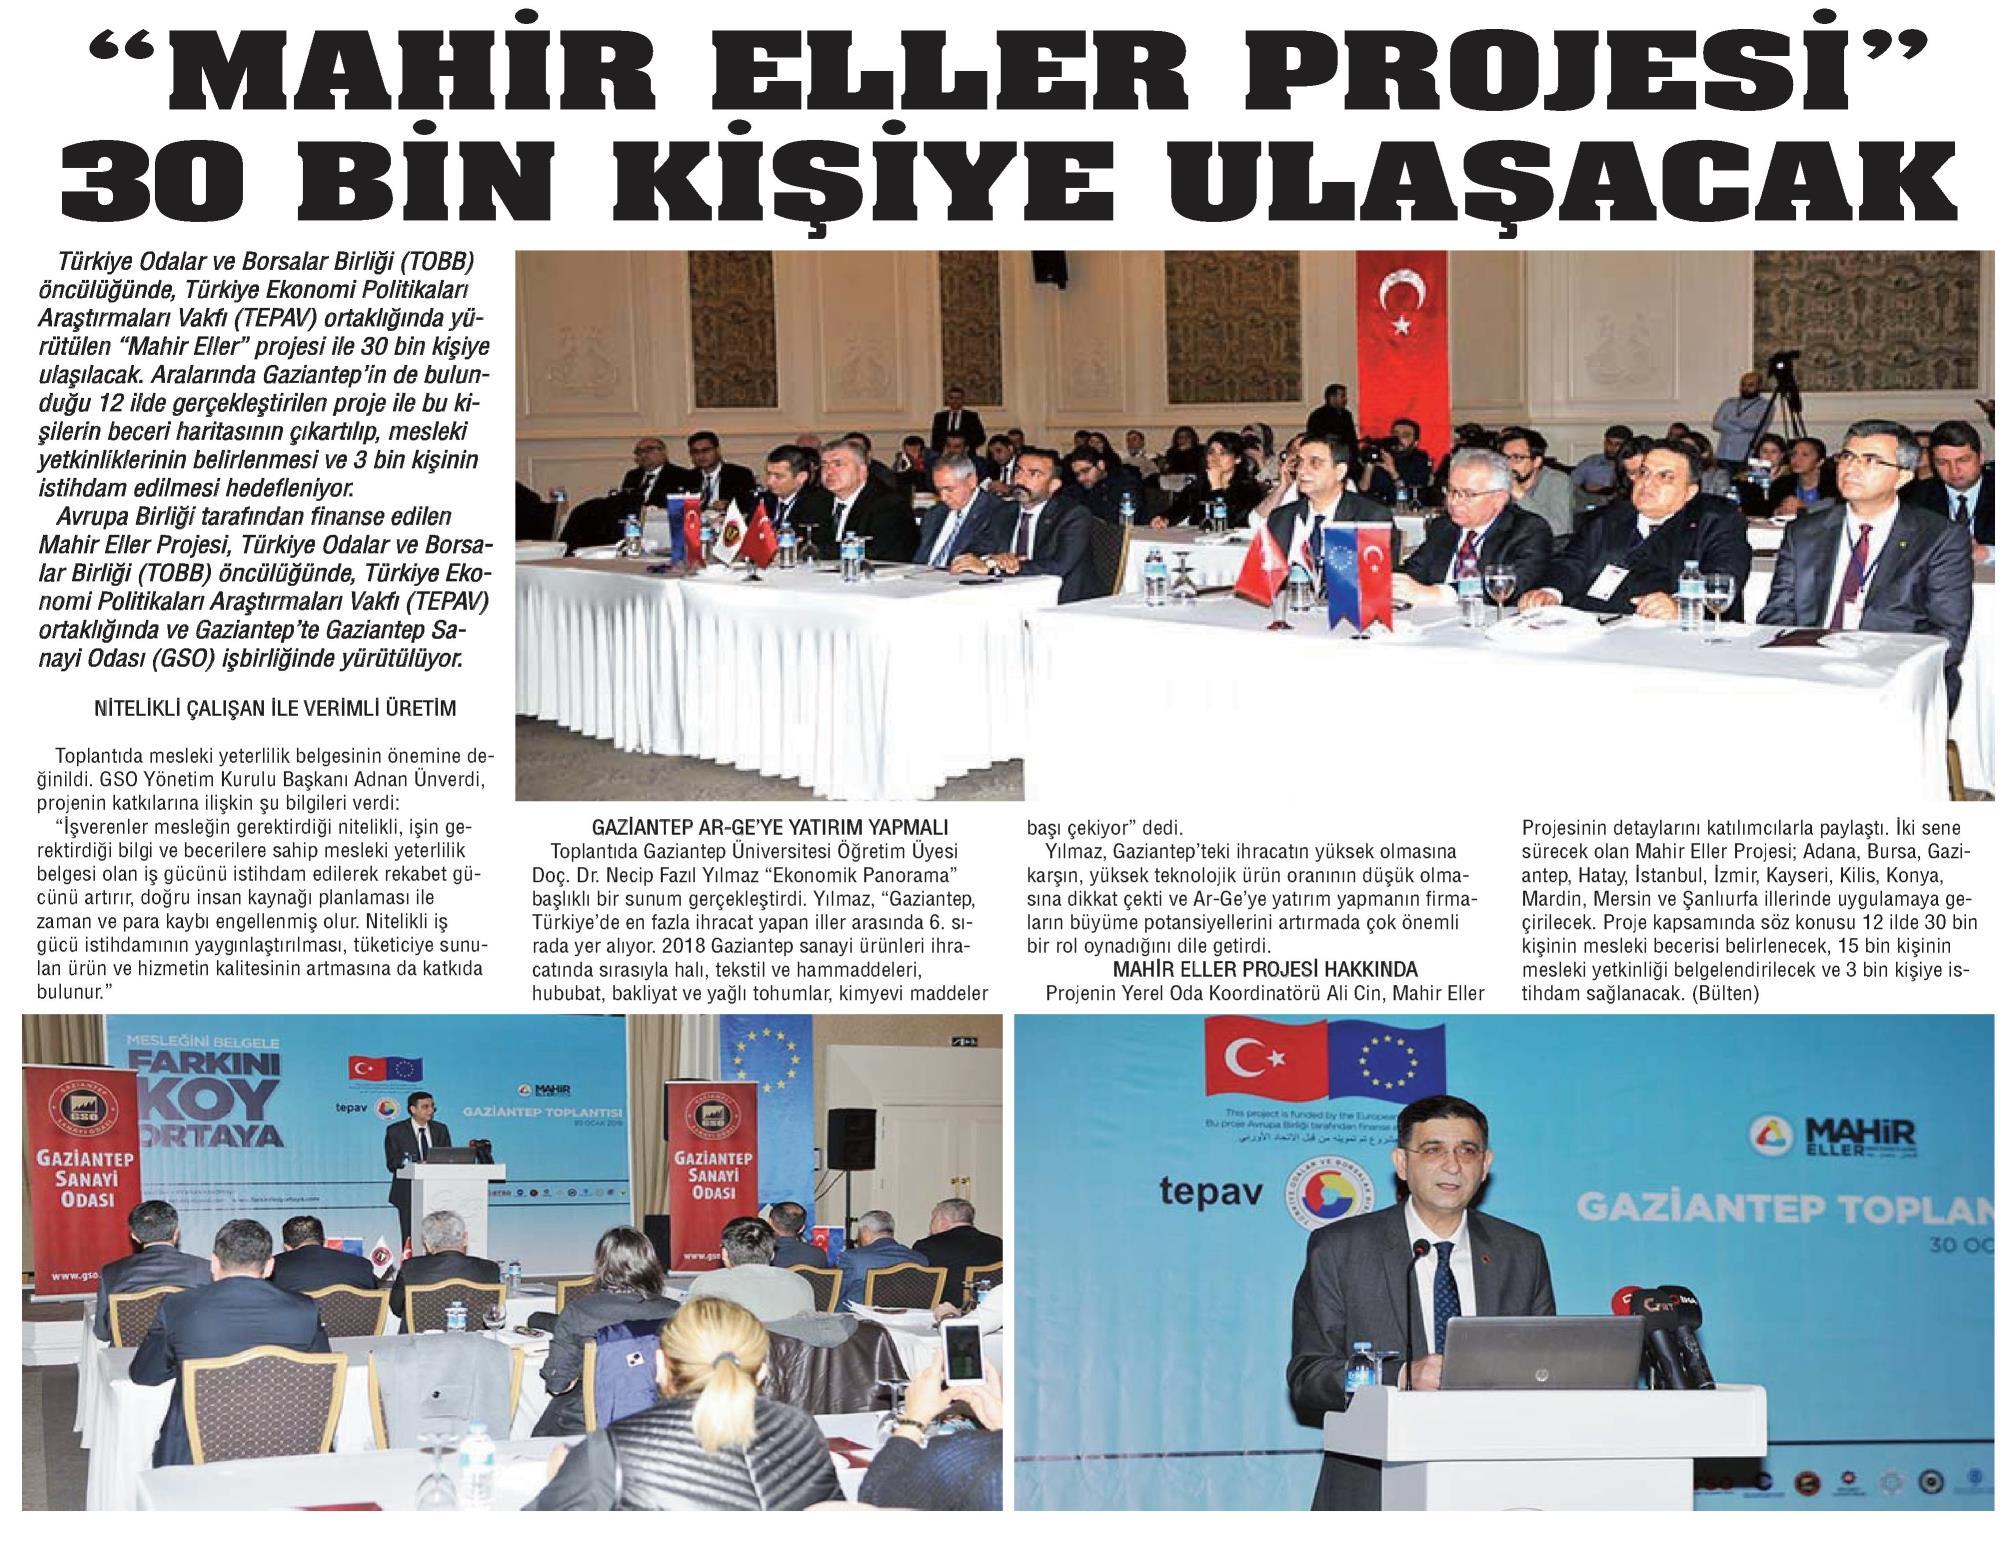 Mahir Eller Projesi 30 Bin Kişiye Ulaşacak Gaziantep